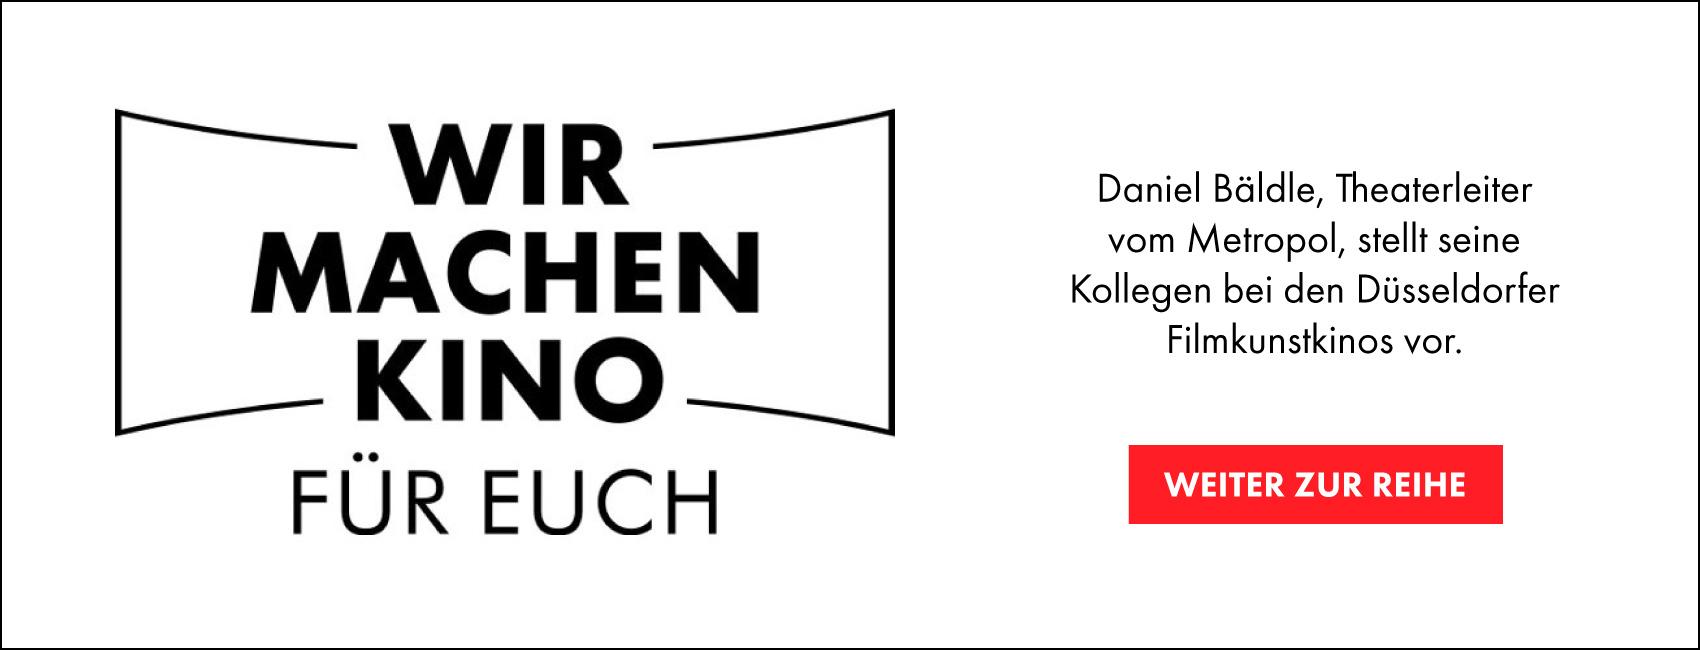 Wir machen Kino - Mitarbeiter der Düsseldorfer Filmkunstkinos stellen sich vor.